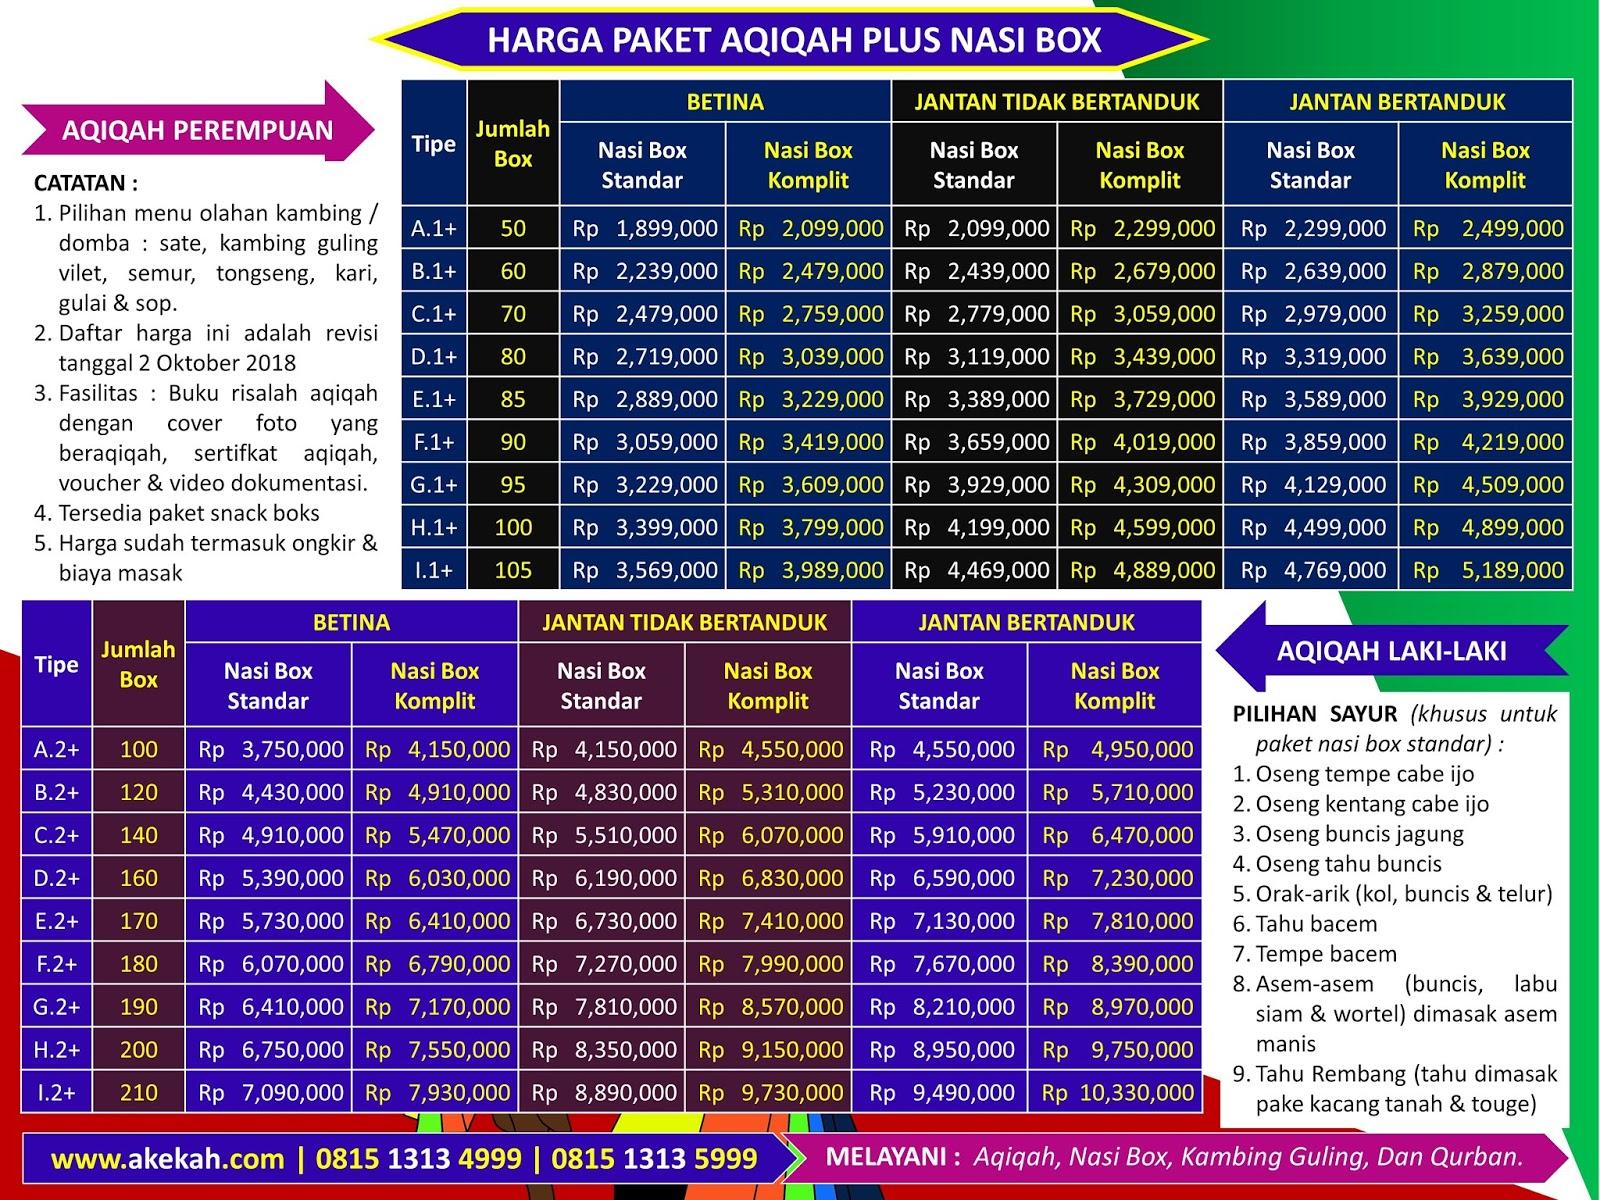 Penyedia Jasa Akikah & Catering Murah Untuk Anak Kabupaten Bogor Jawa Barat